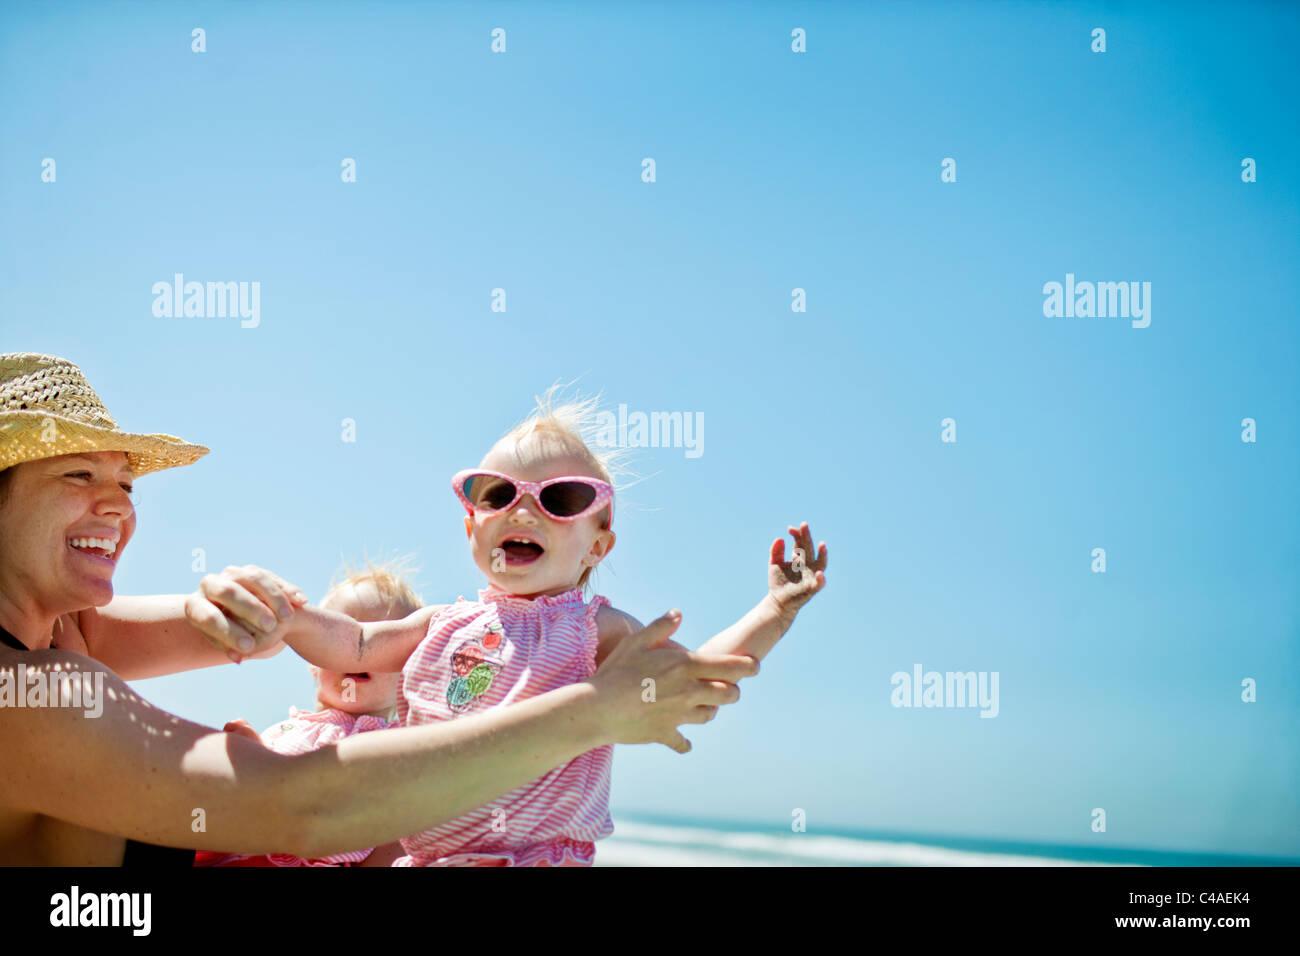 Mère jouant avec sa fille sur la plage Photo Stock